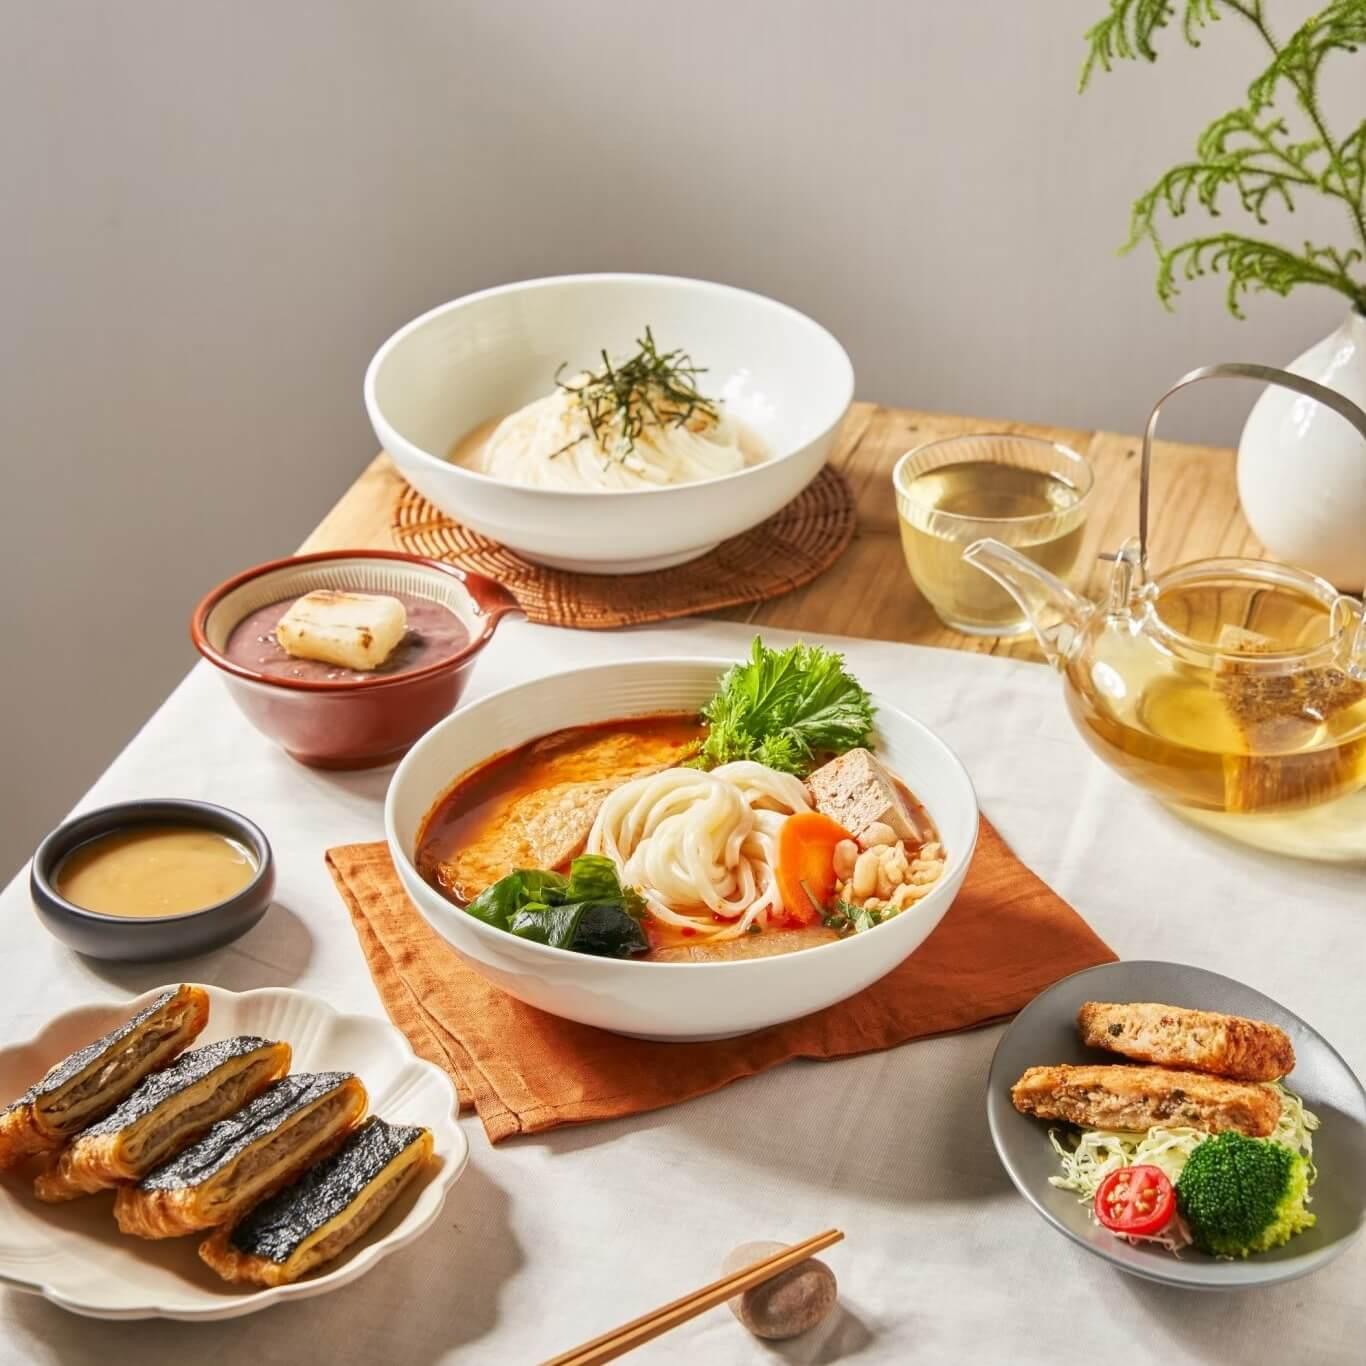 穗科除了著名的烏龍麵之外,日式蒲燒素縵粽等私房碟菜也都相當美味,不要錯過外帶限定的蔬食料理 - 日式手炒烏龍麵